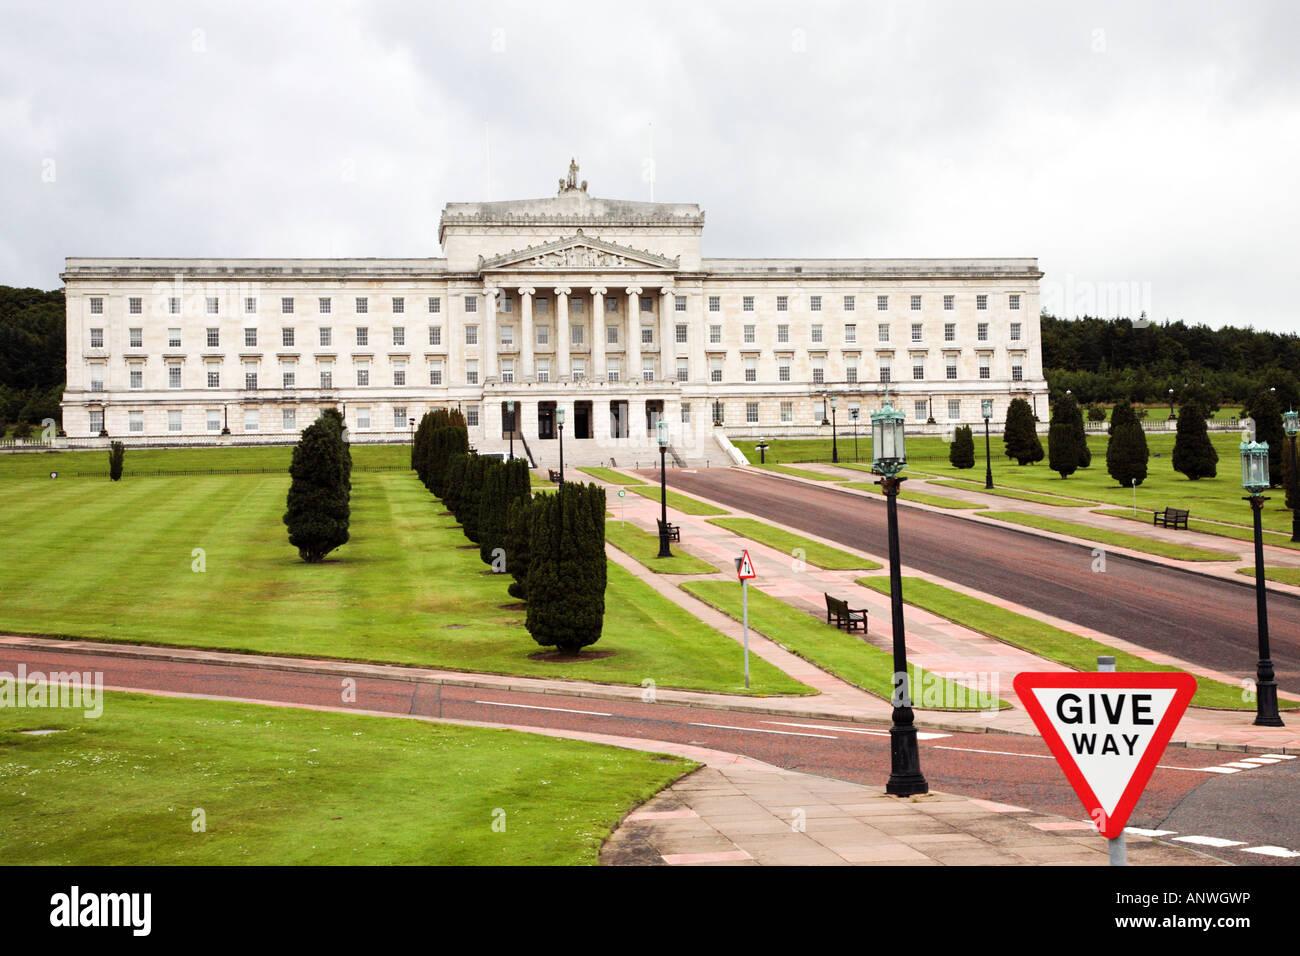 Stormont Belfast Northern Ireland - Stock Image